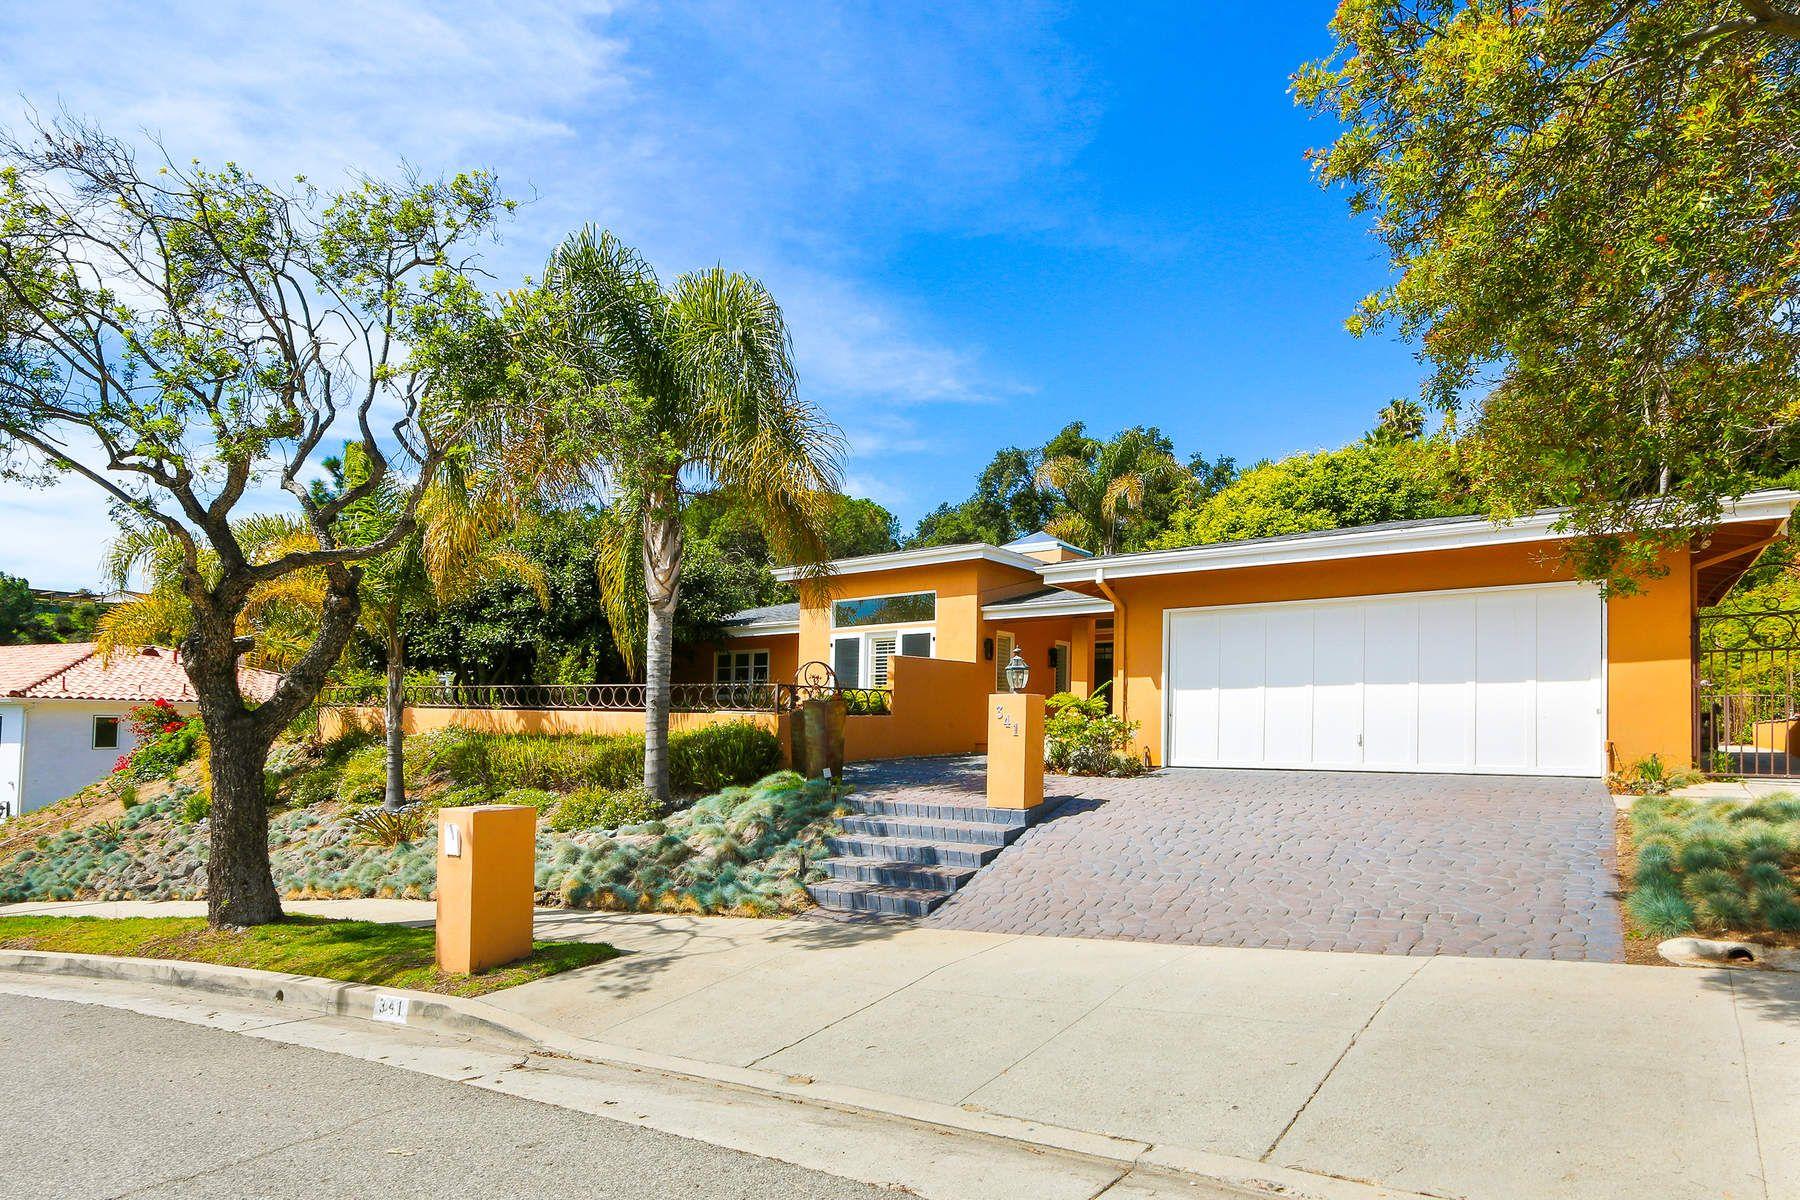 Tek Ailelik Ev için Satış at Pacific View Estates Beach Side Enclave. 341 Surfview Drive, Pacific Palisades, Kaliforniya, 90272 Amerika Birleşik Devletleri